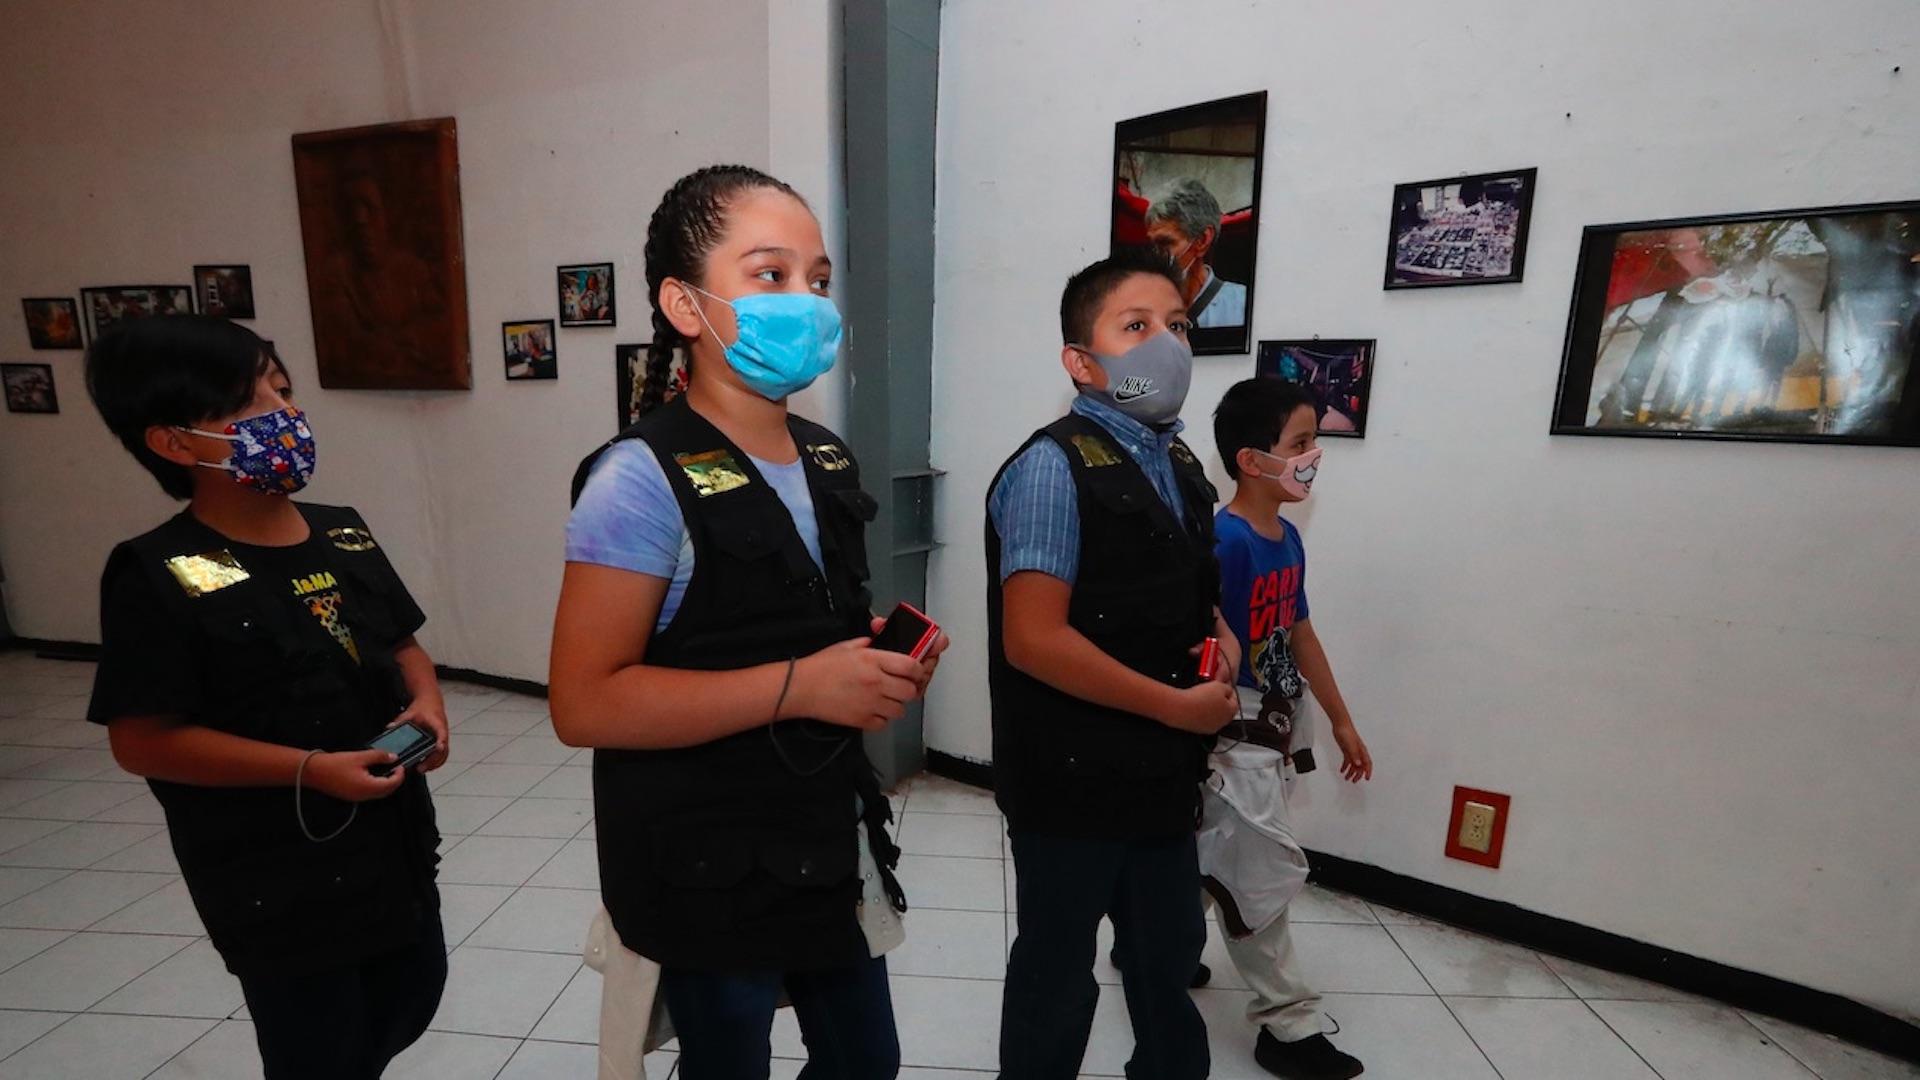 Niños retratan cómo es vivir en el barrio bravo de Tepito. Foto de EFE